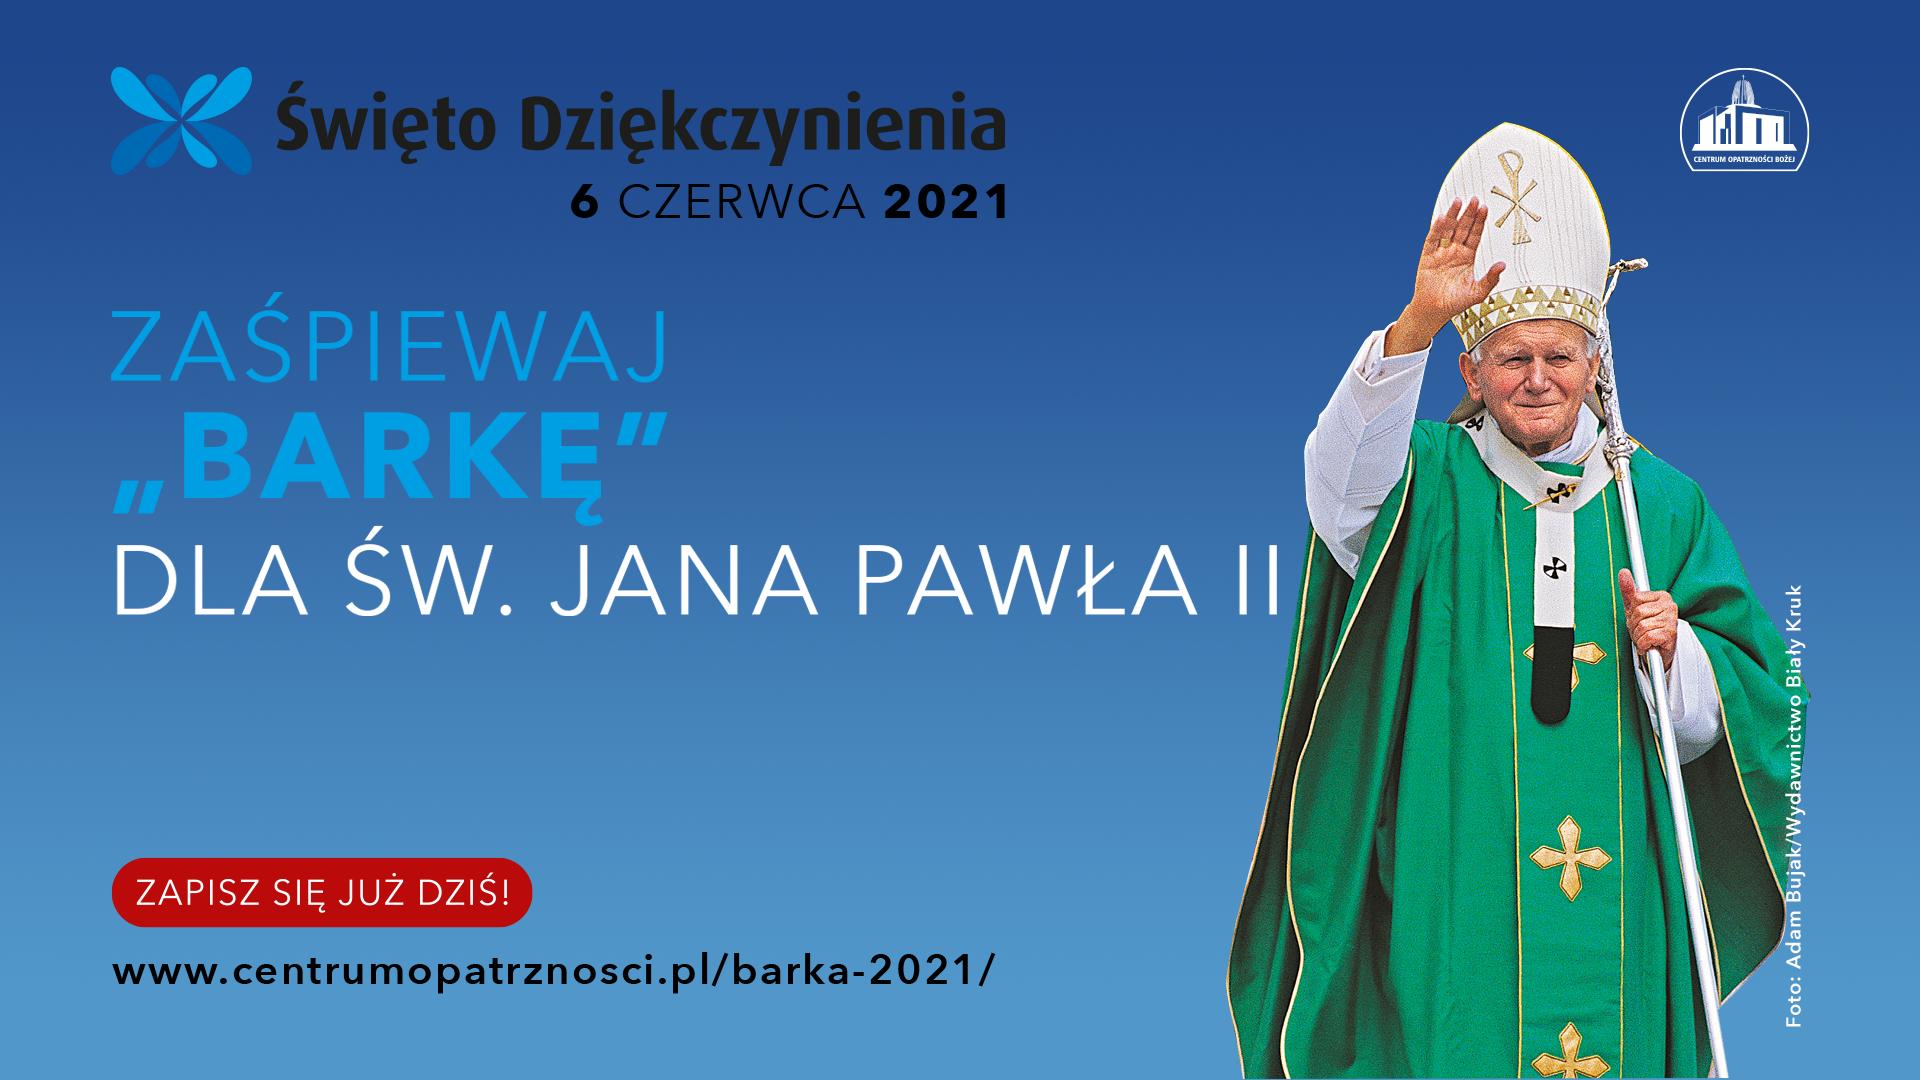 Zaśpiewaj Barkę dla św. Jana Pawła II 2021